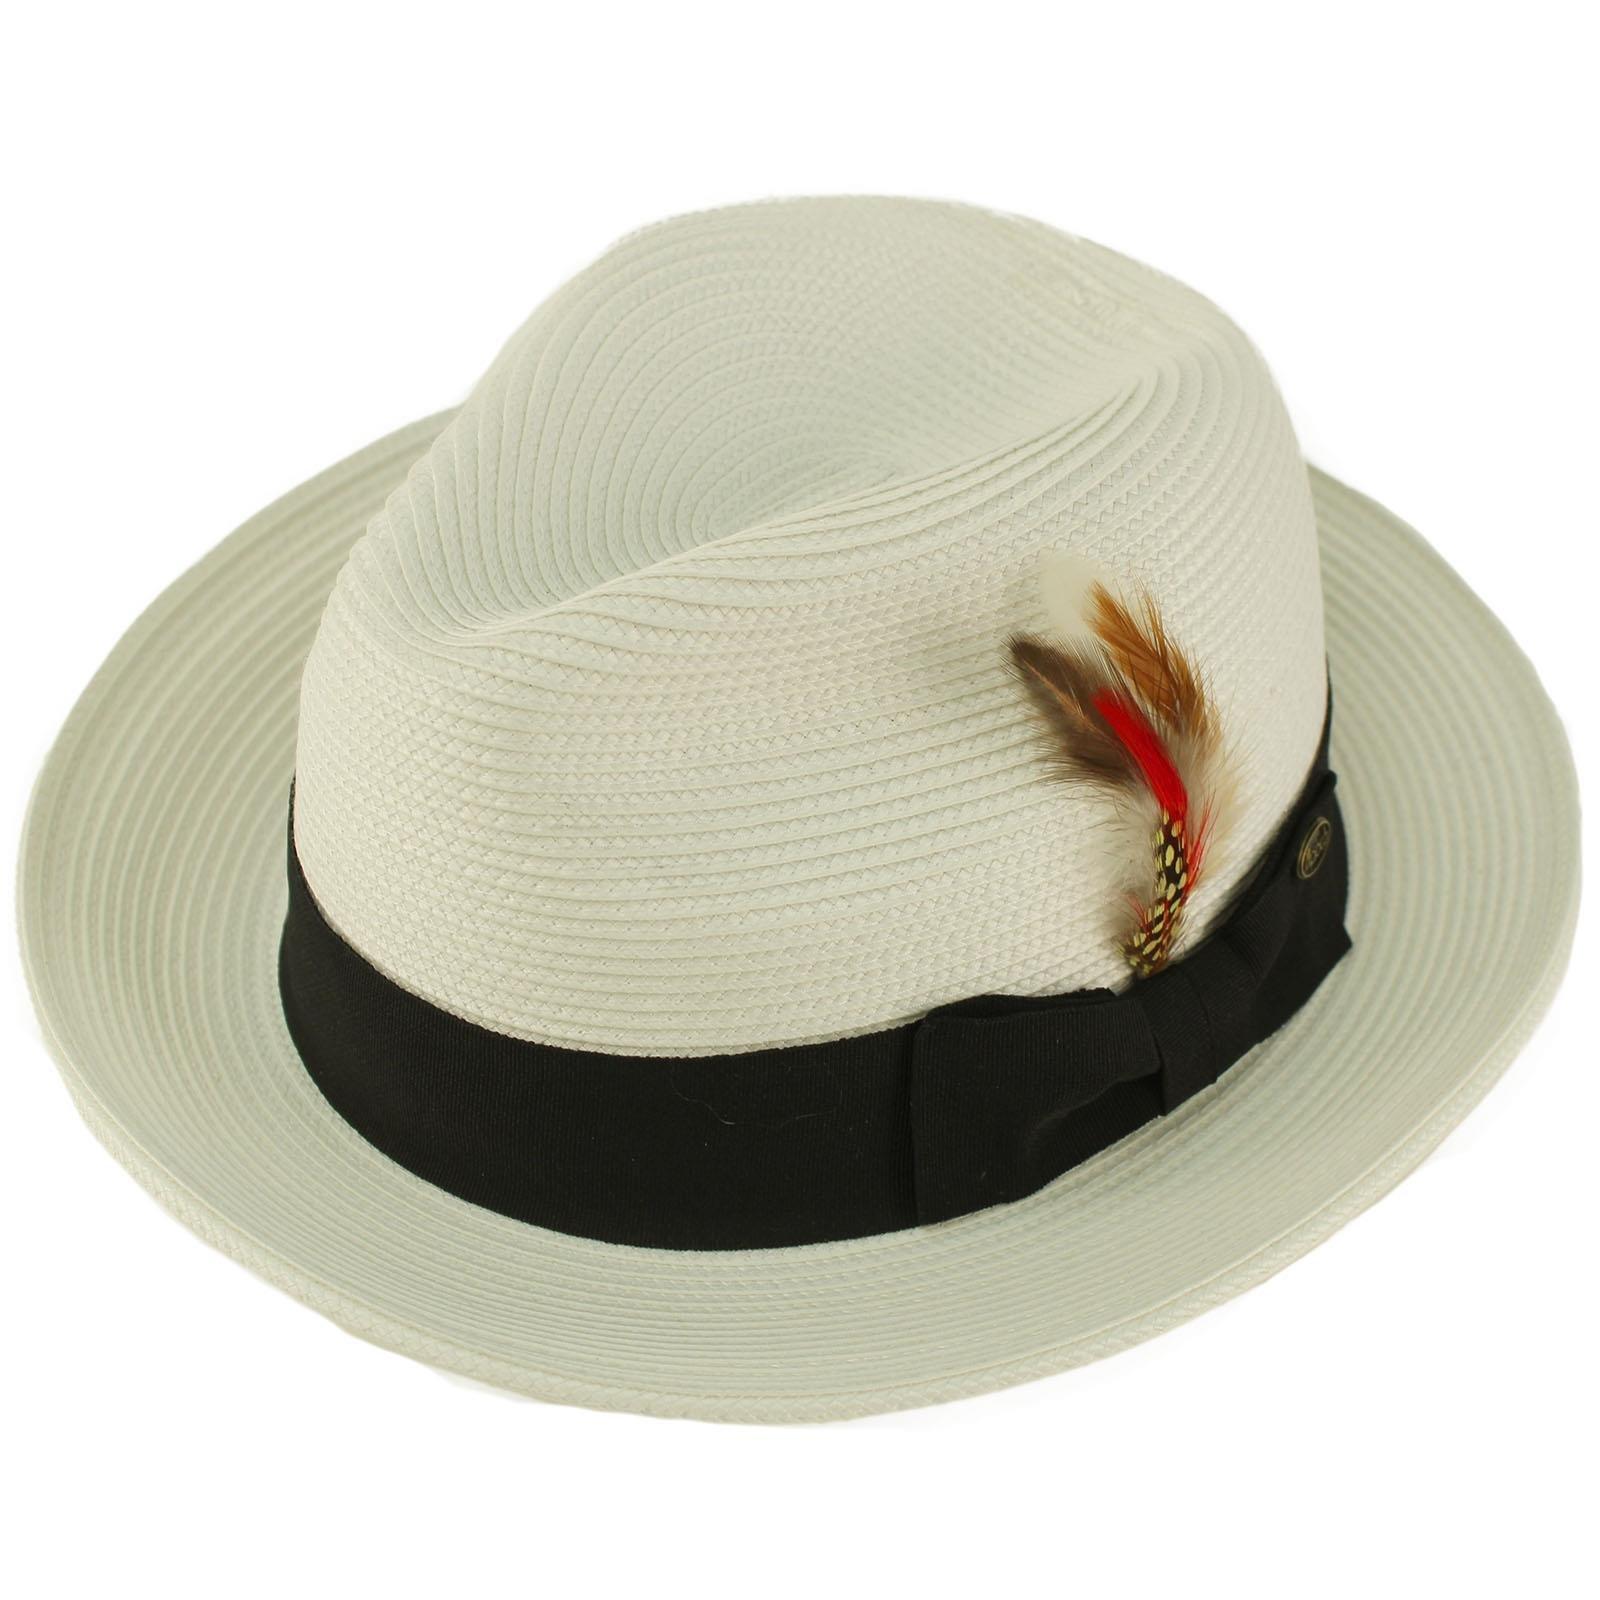 Epoch Men's Handsome Feather Derby Fedora Tall Crown Upturn Curl Brim Hat L/XL